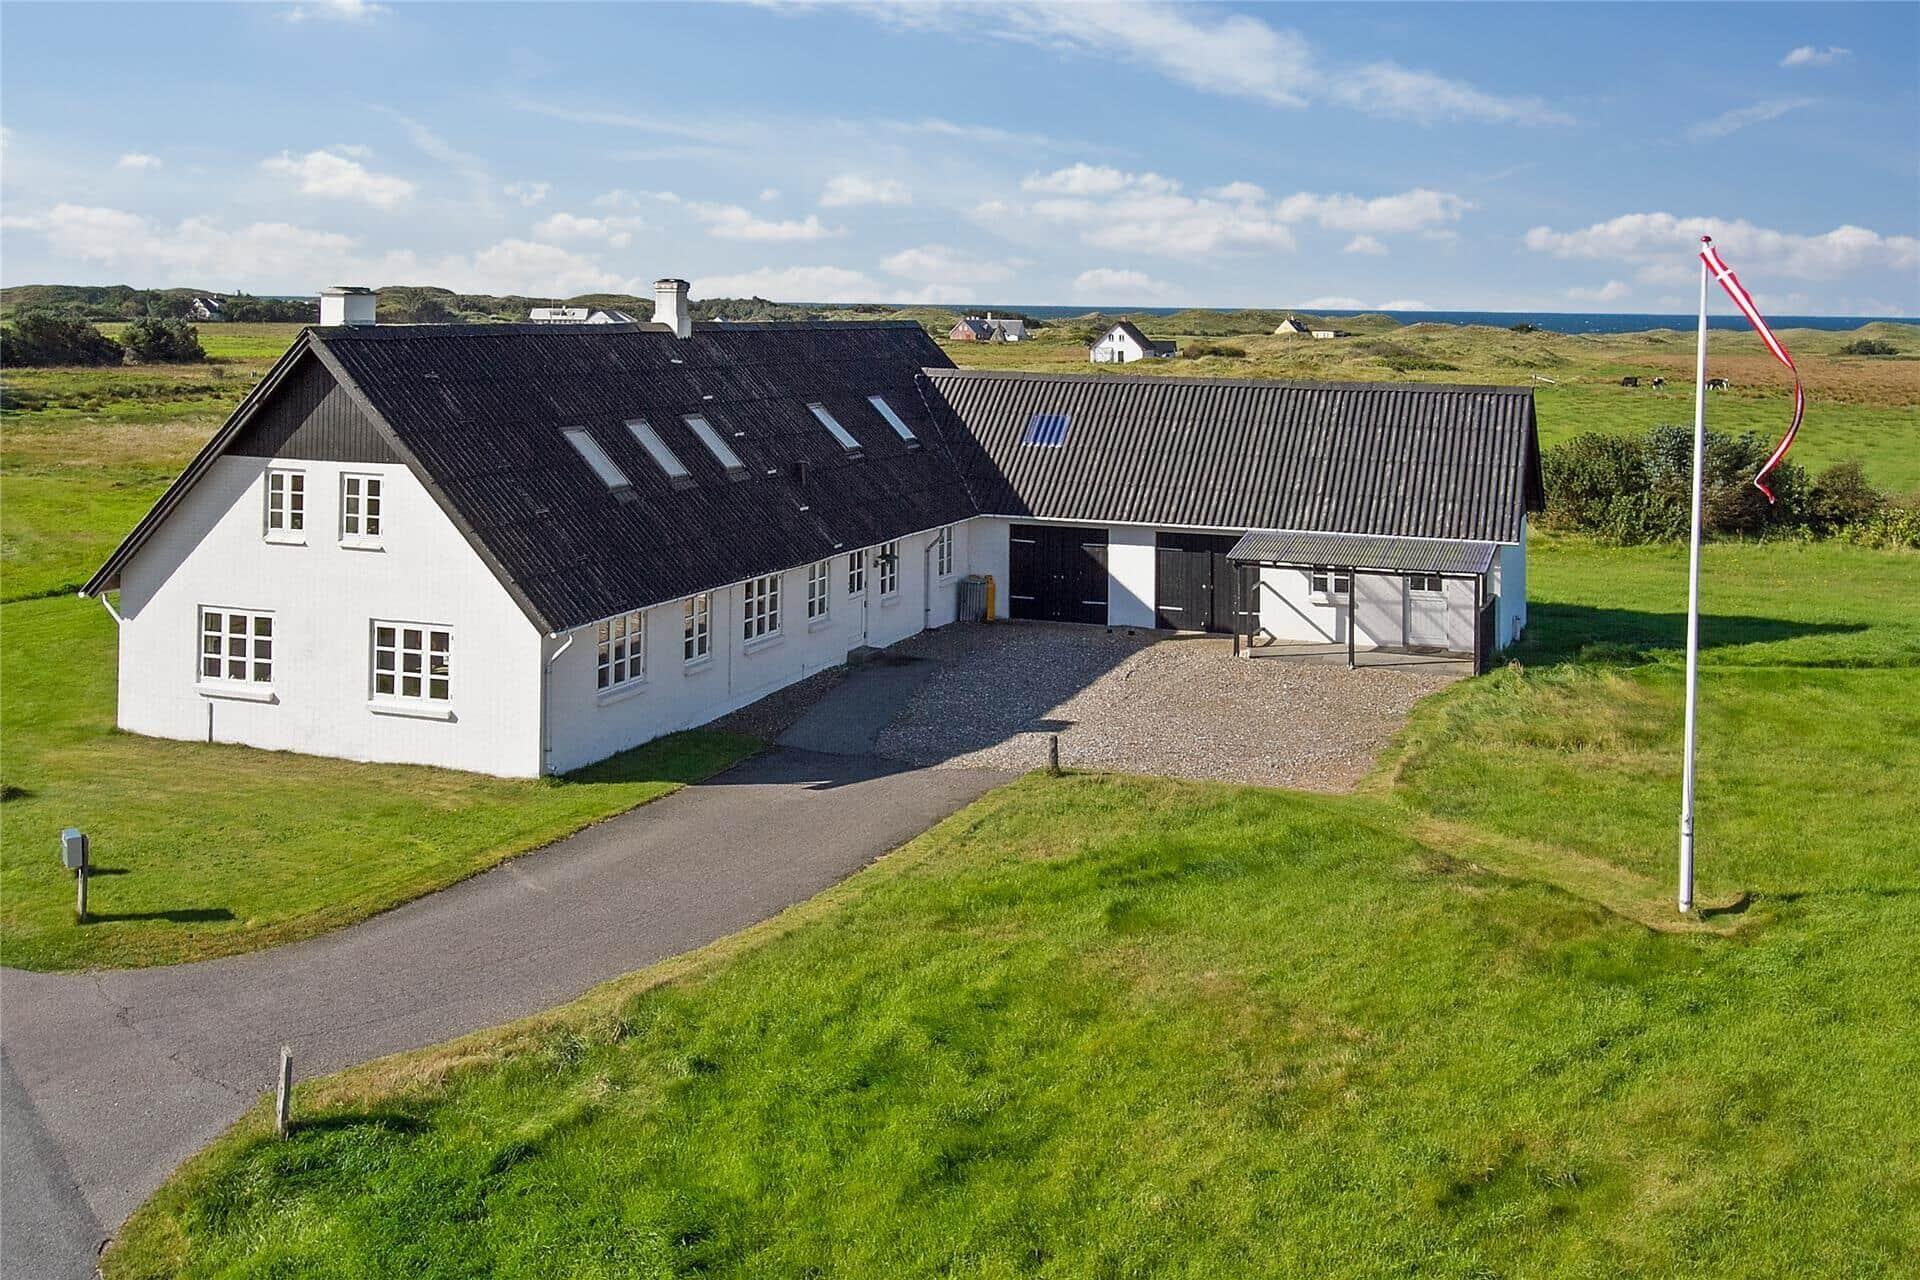 Billede 1-13 Sommerhus 1004, Skjærbakken 37, DK - 7700 Thisted